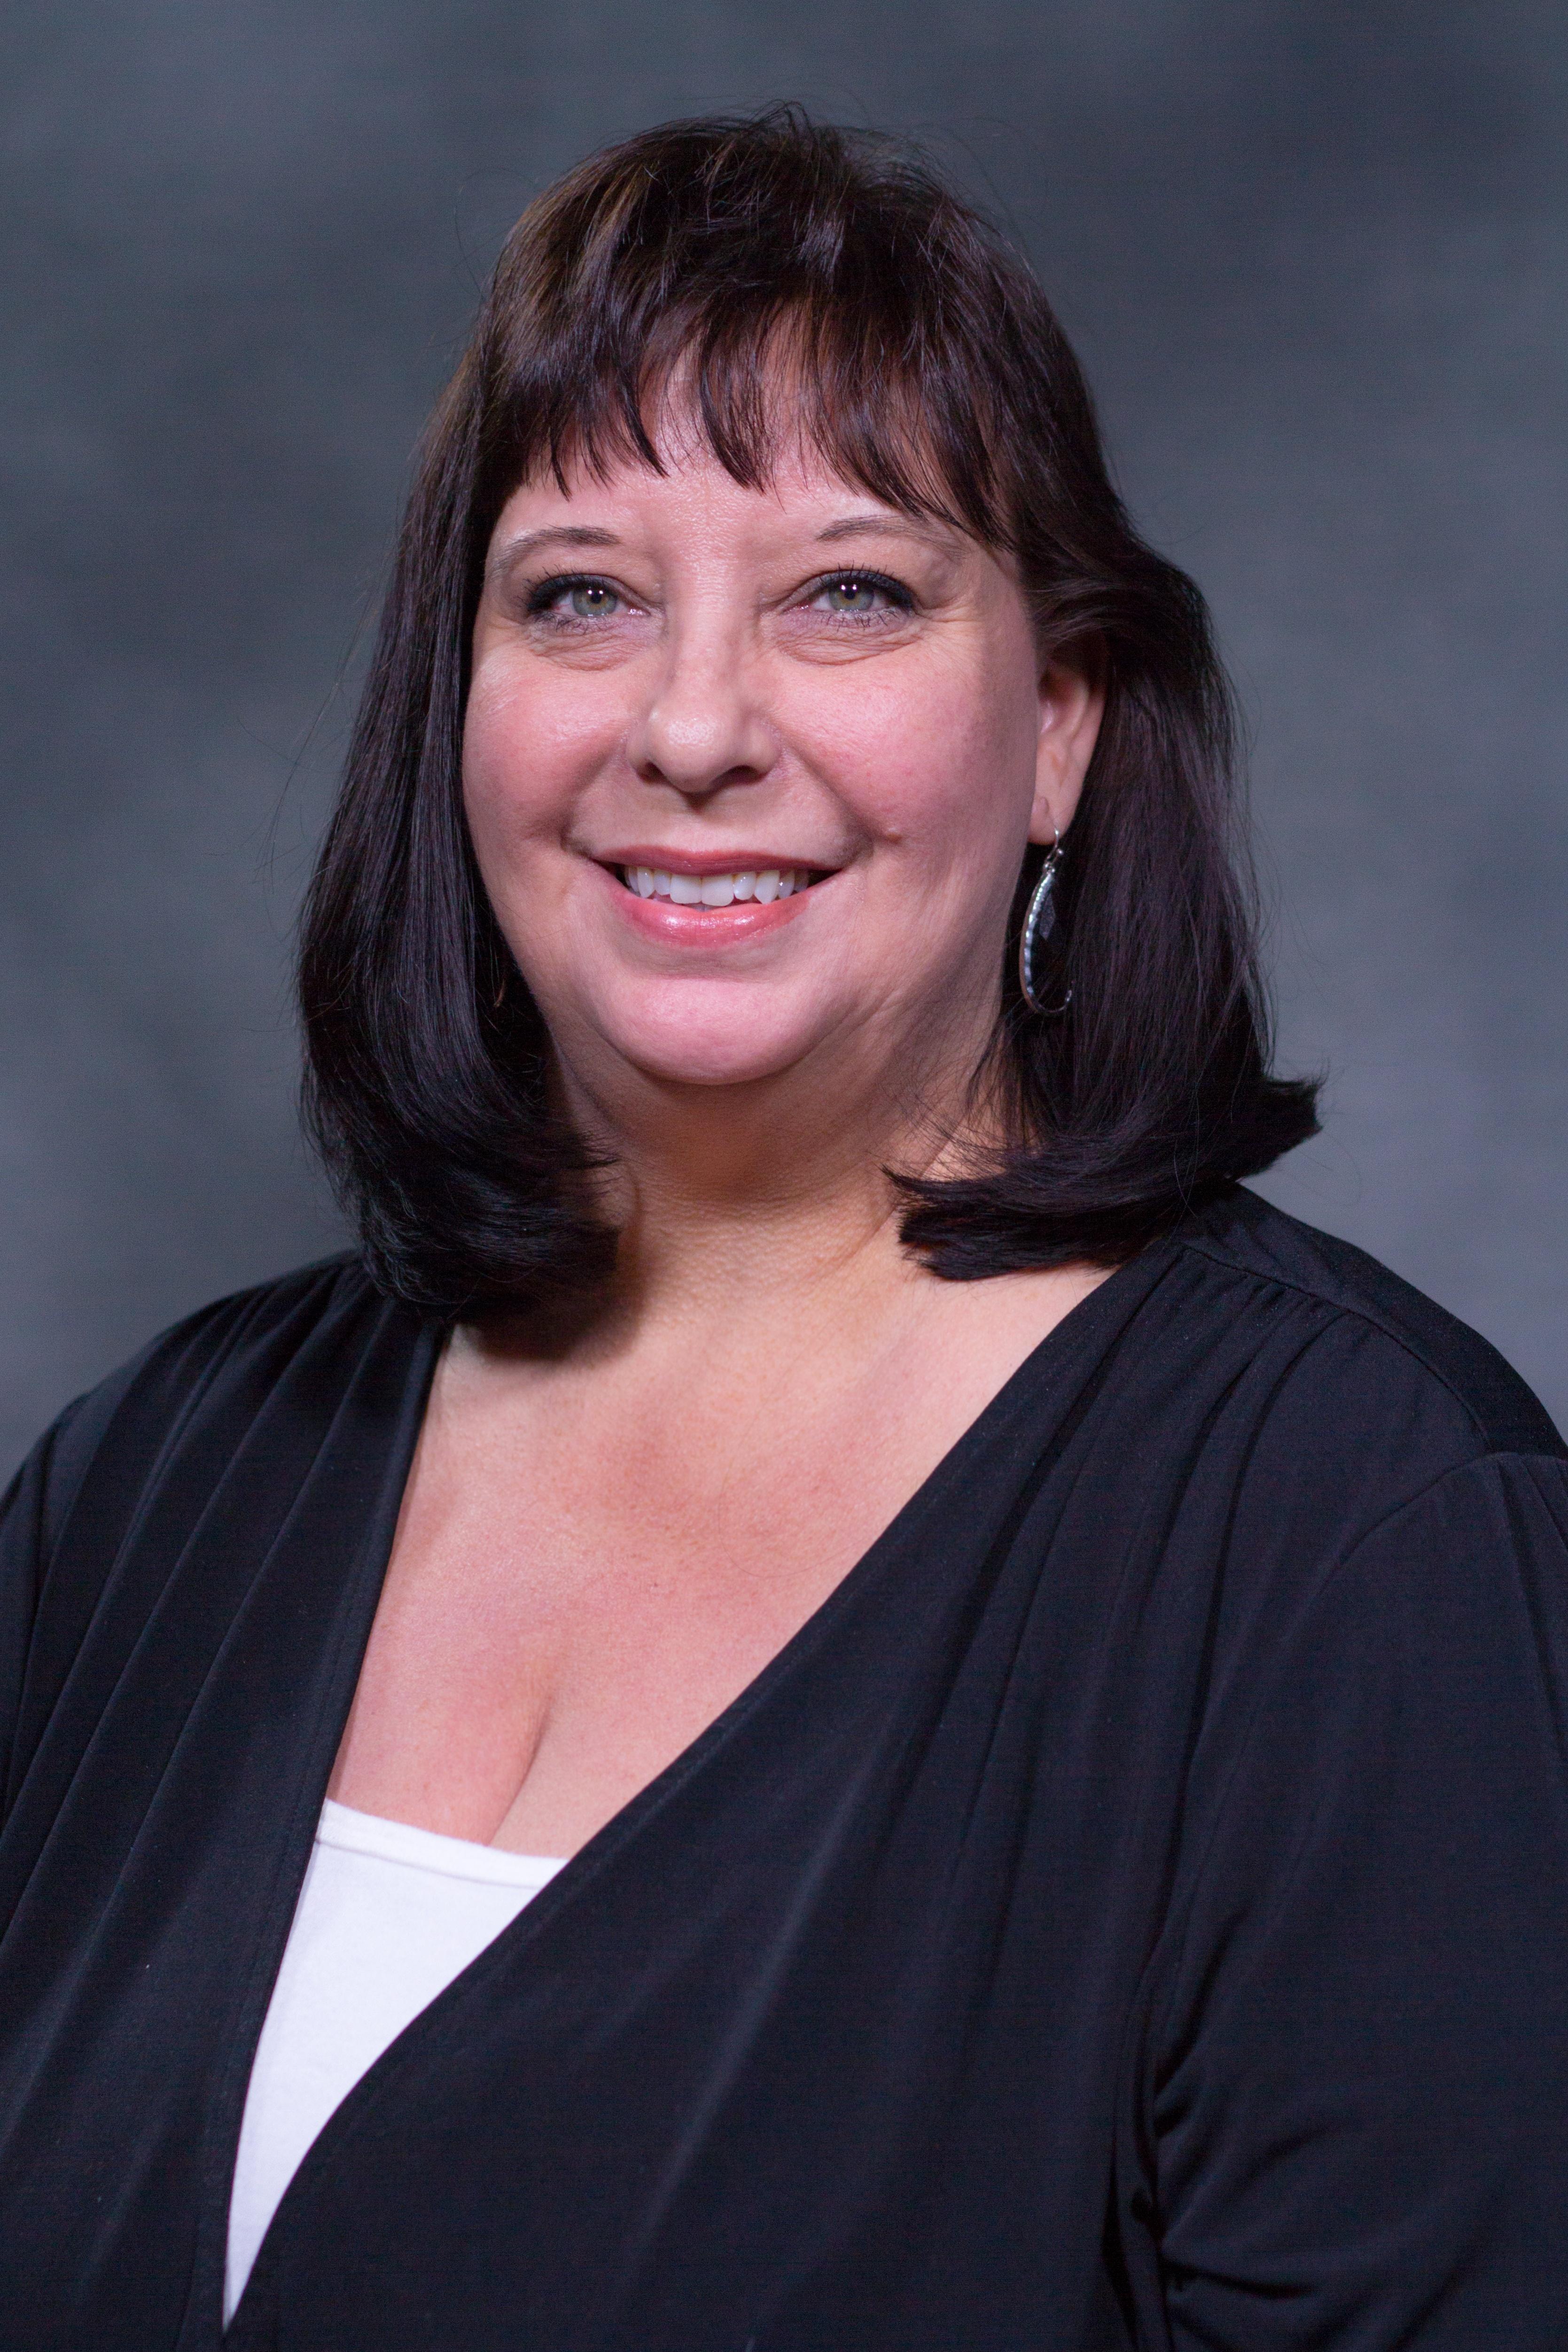 Tara Wilson, Facility Director